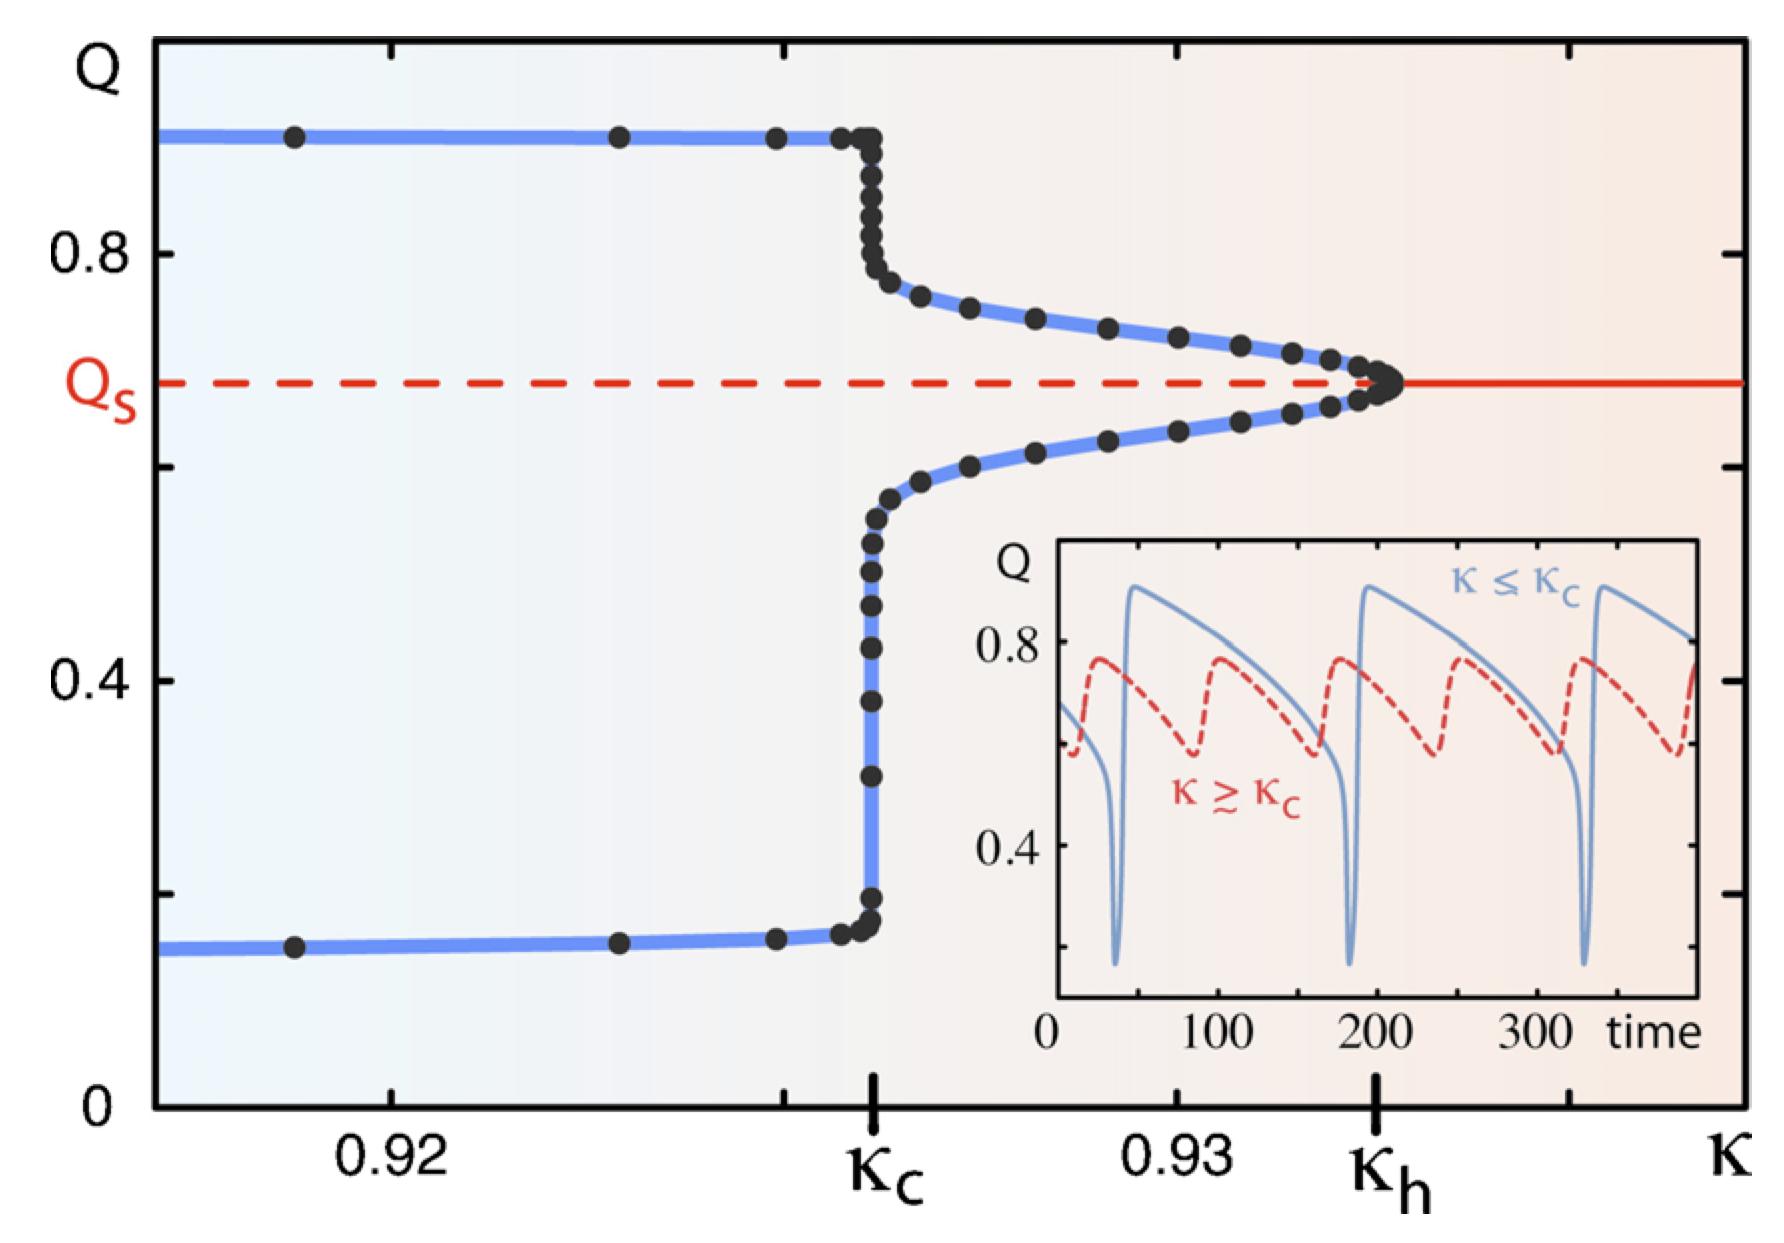 Half-sarcomere oscillatory regime